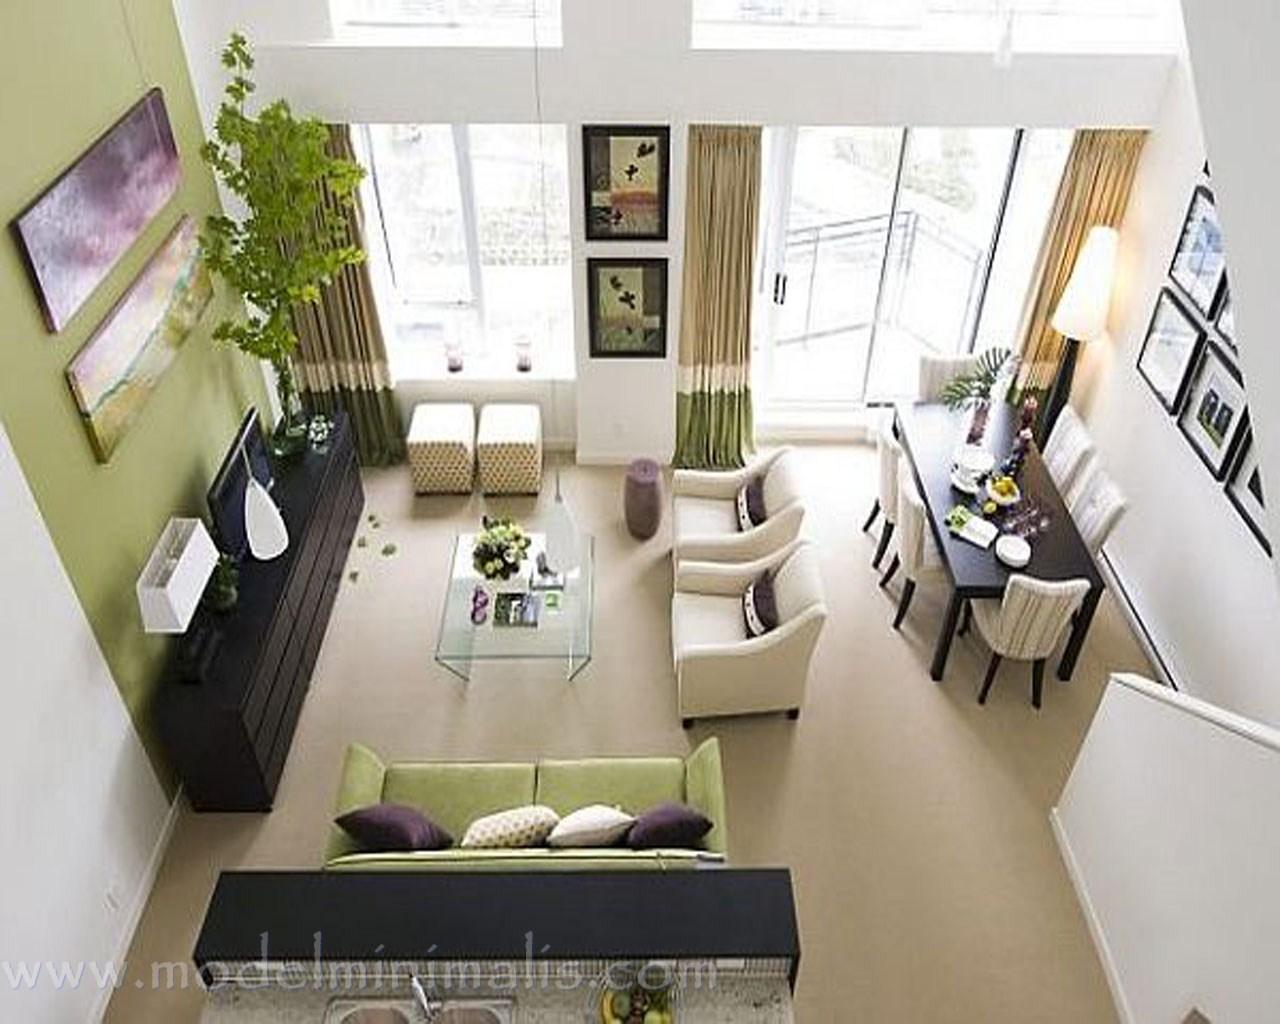 Desain Ruang Keluarga Sederhana Dan Murah Expo Desain Rumah